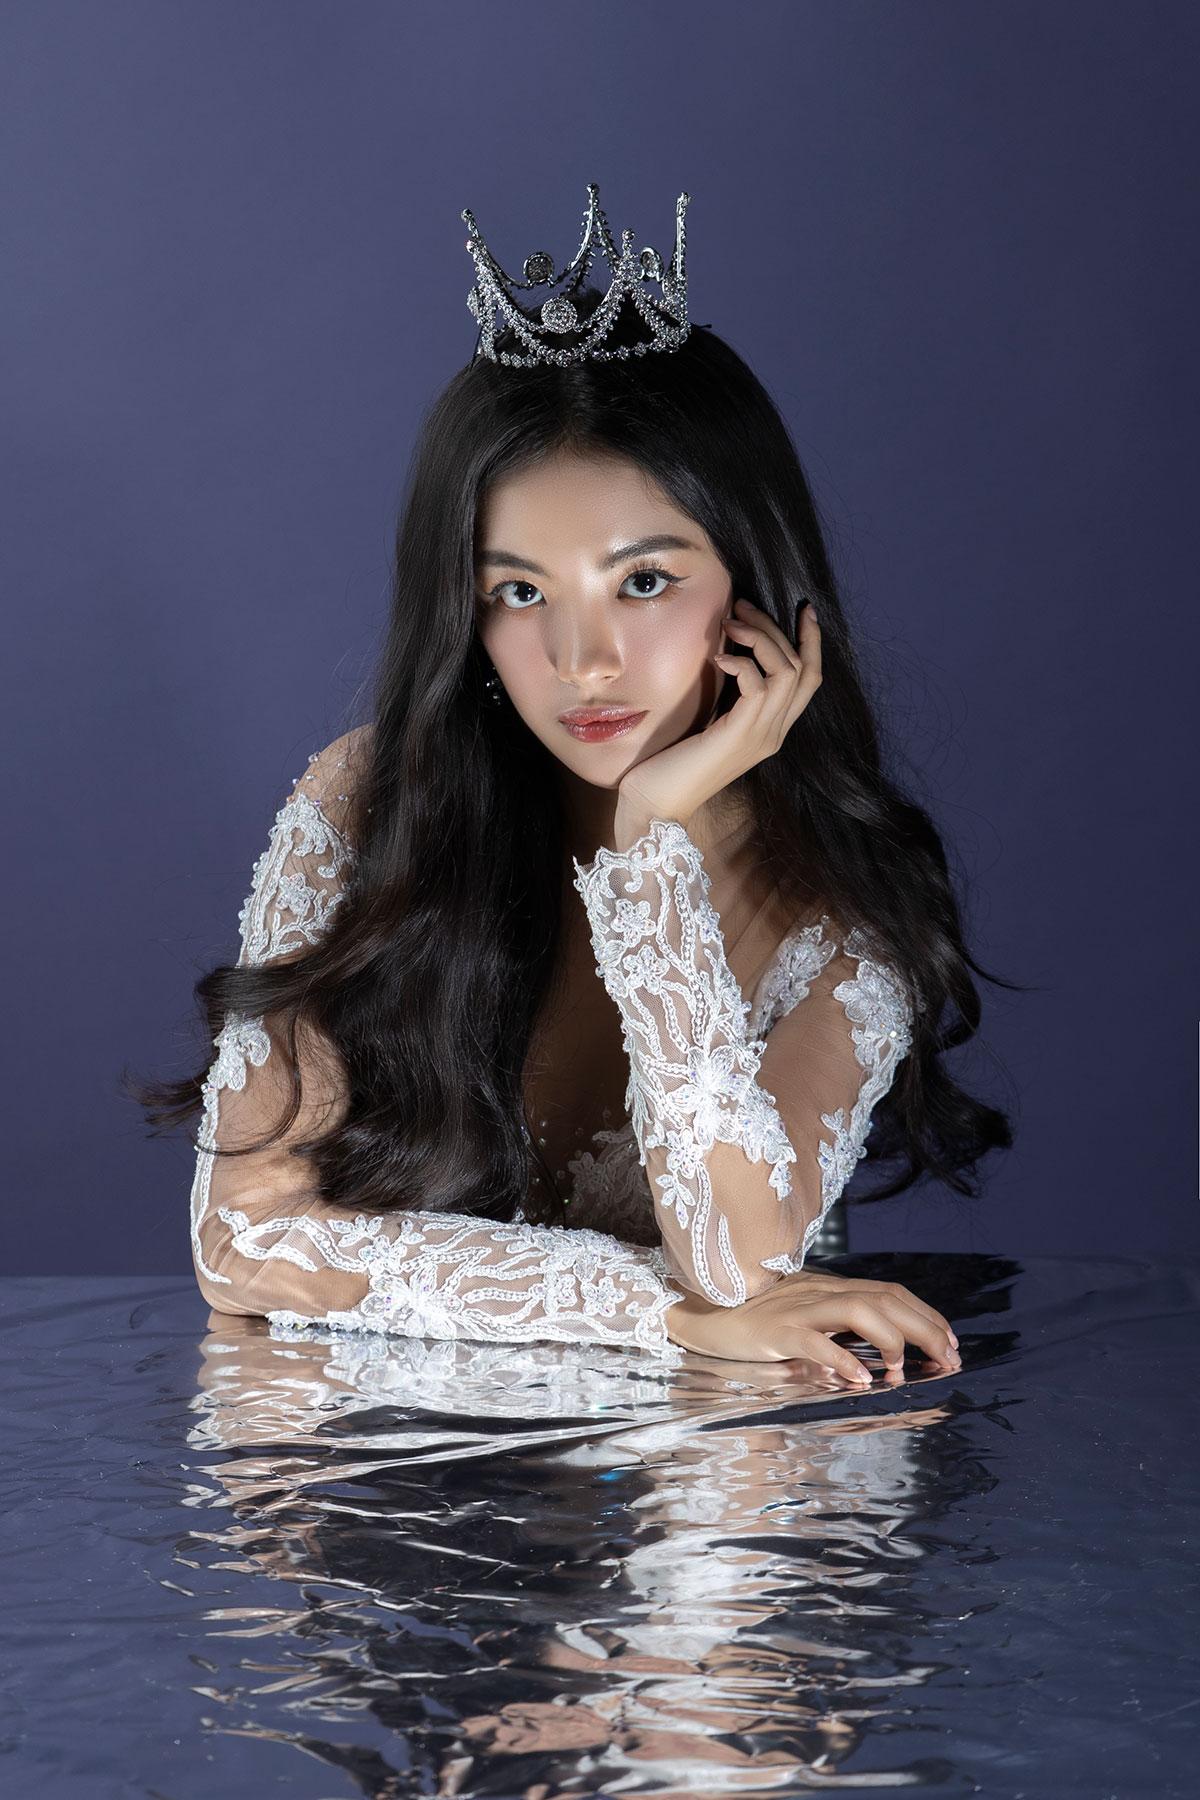 Với form dáng nhỏ xinh, vương miện Swarovski Little Princess Crown dễ dàng phù hợp với nhiều kiểu váy cưới và các phong cách trang điềm khác nhau.